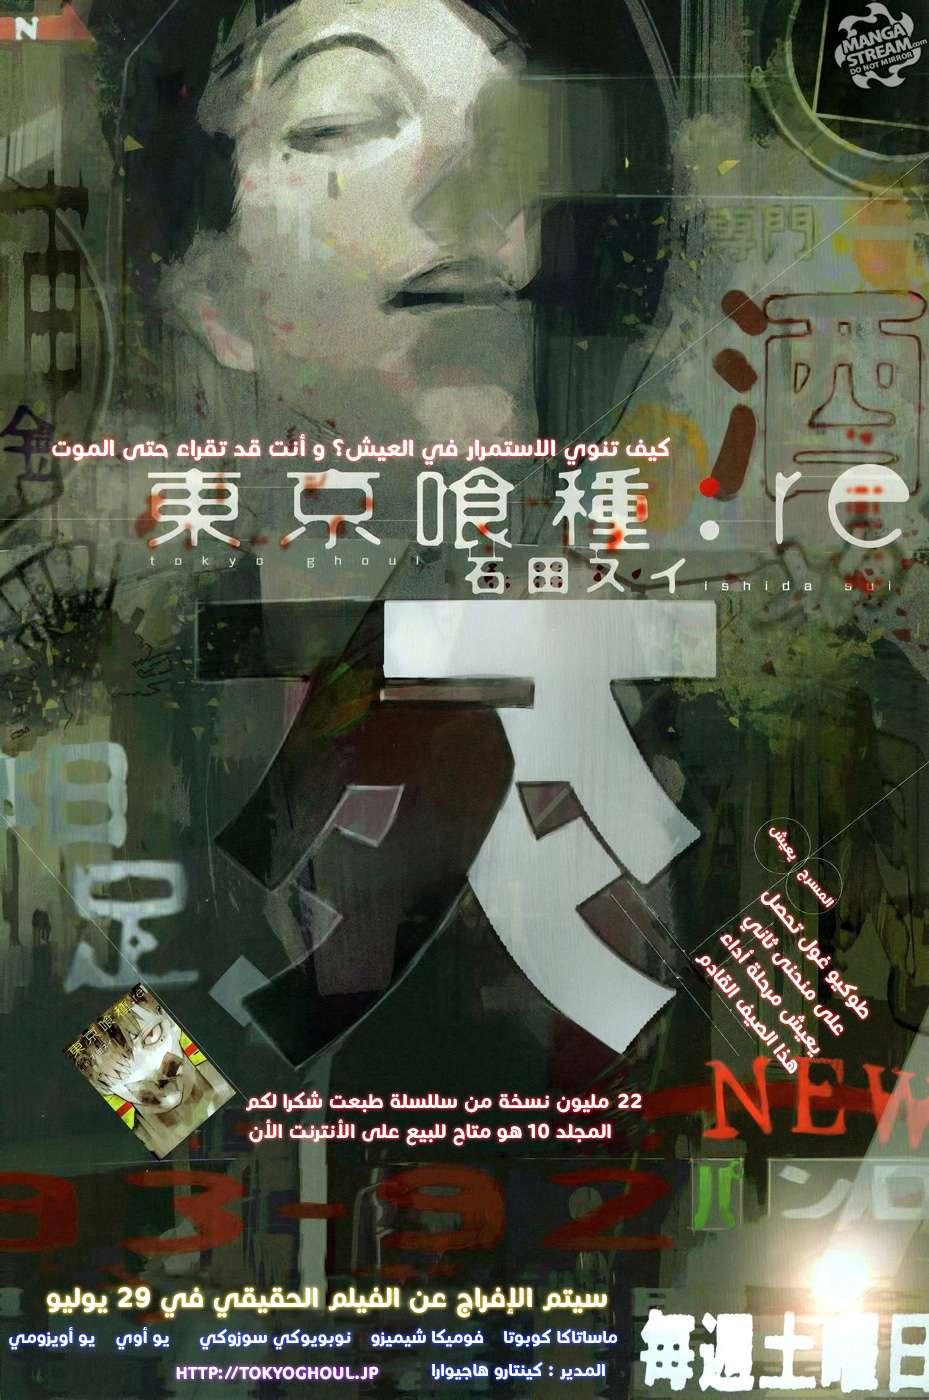 طوكيو غول:ري 118, Tokyo Ghoul:re 118